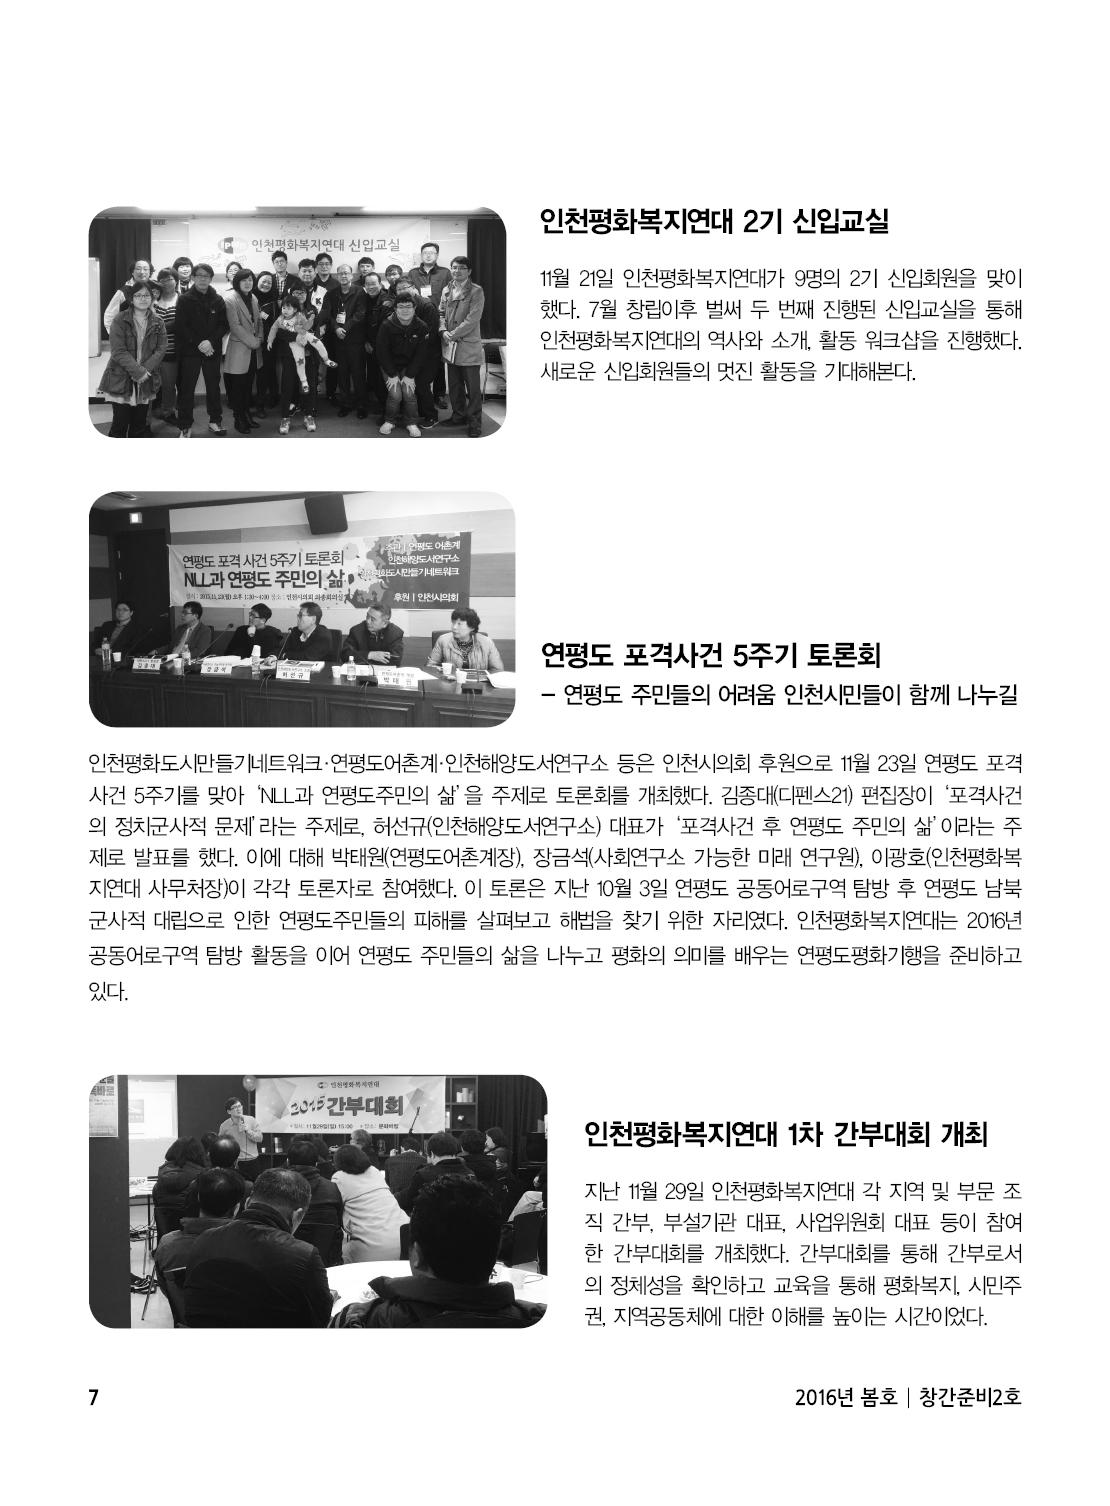 아웃라인 인천평화복지연대 창간준비2호7.jpg